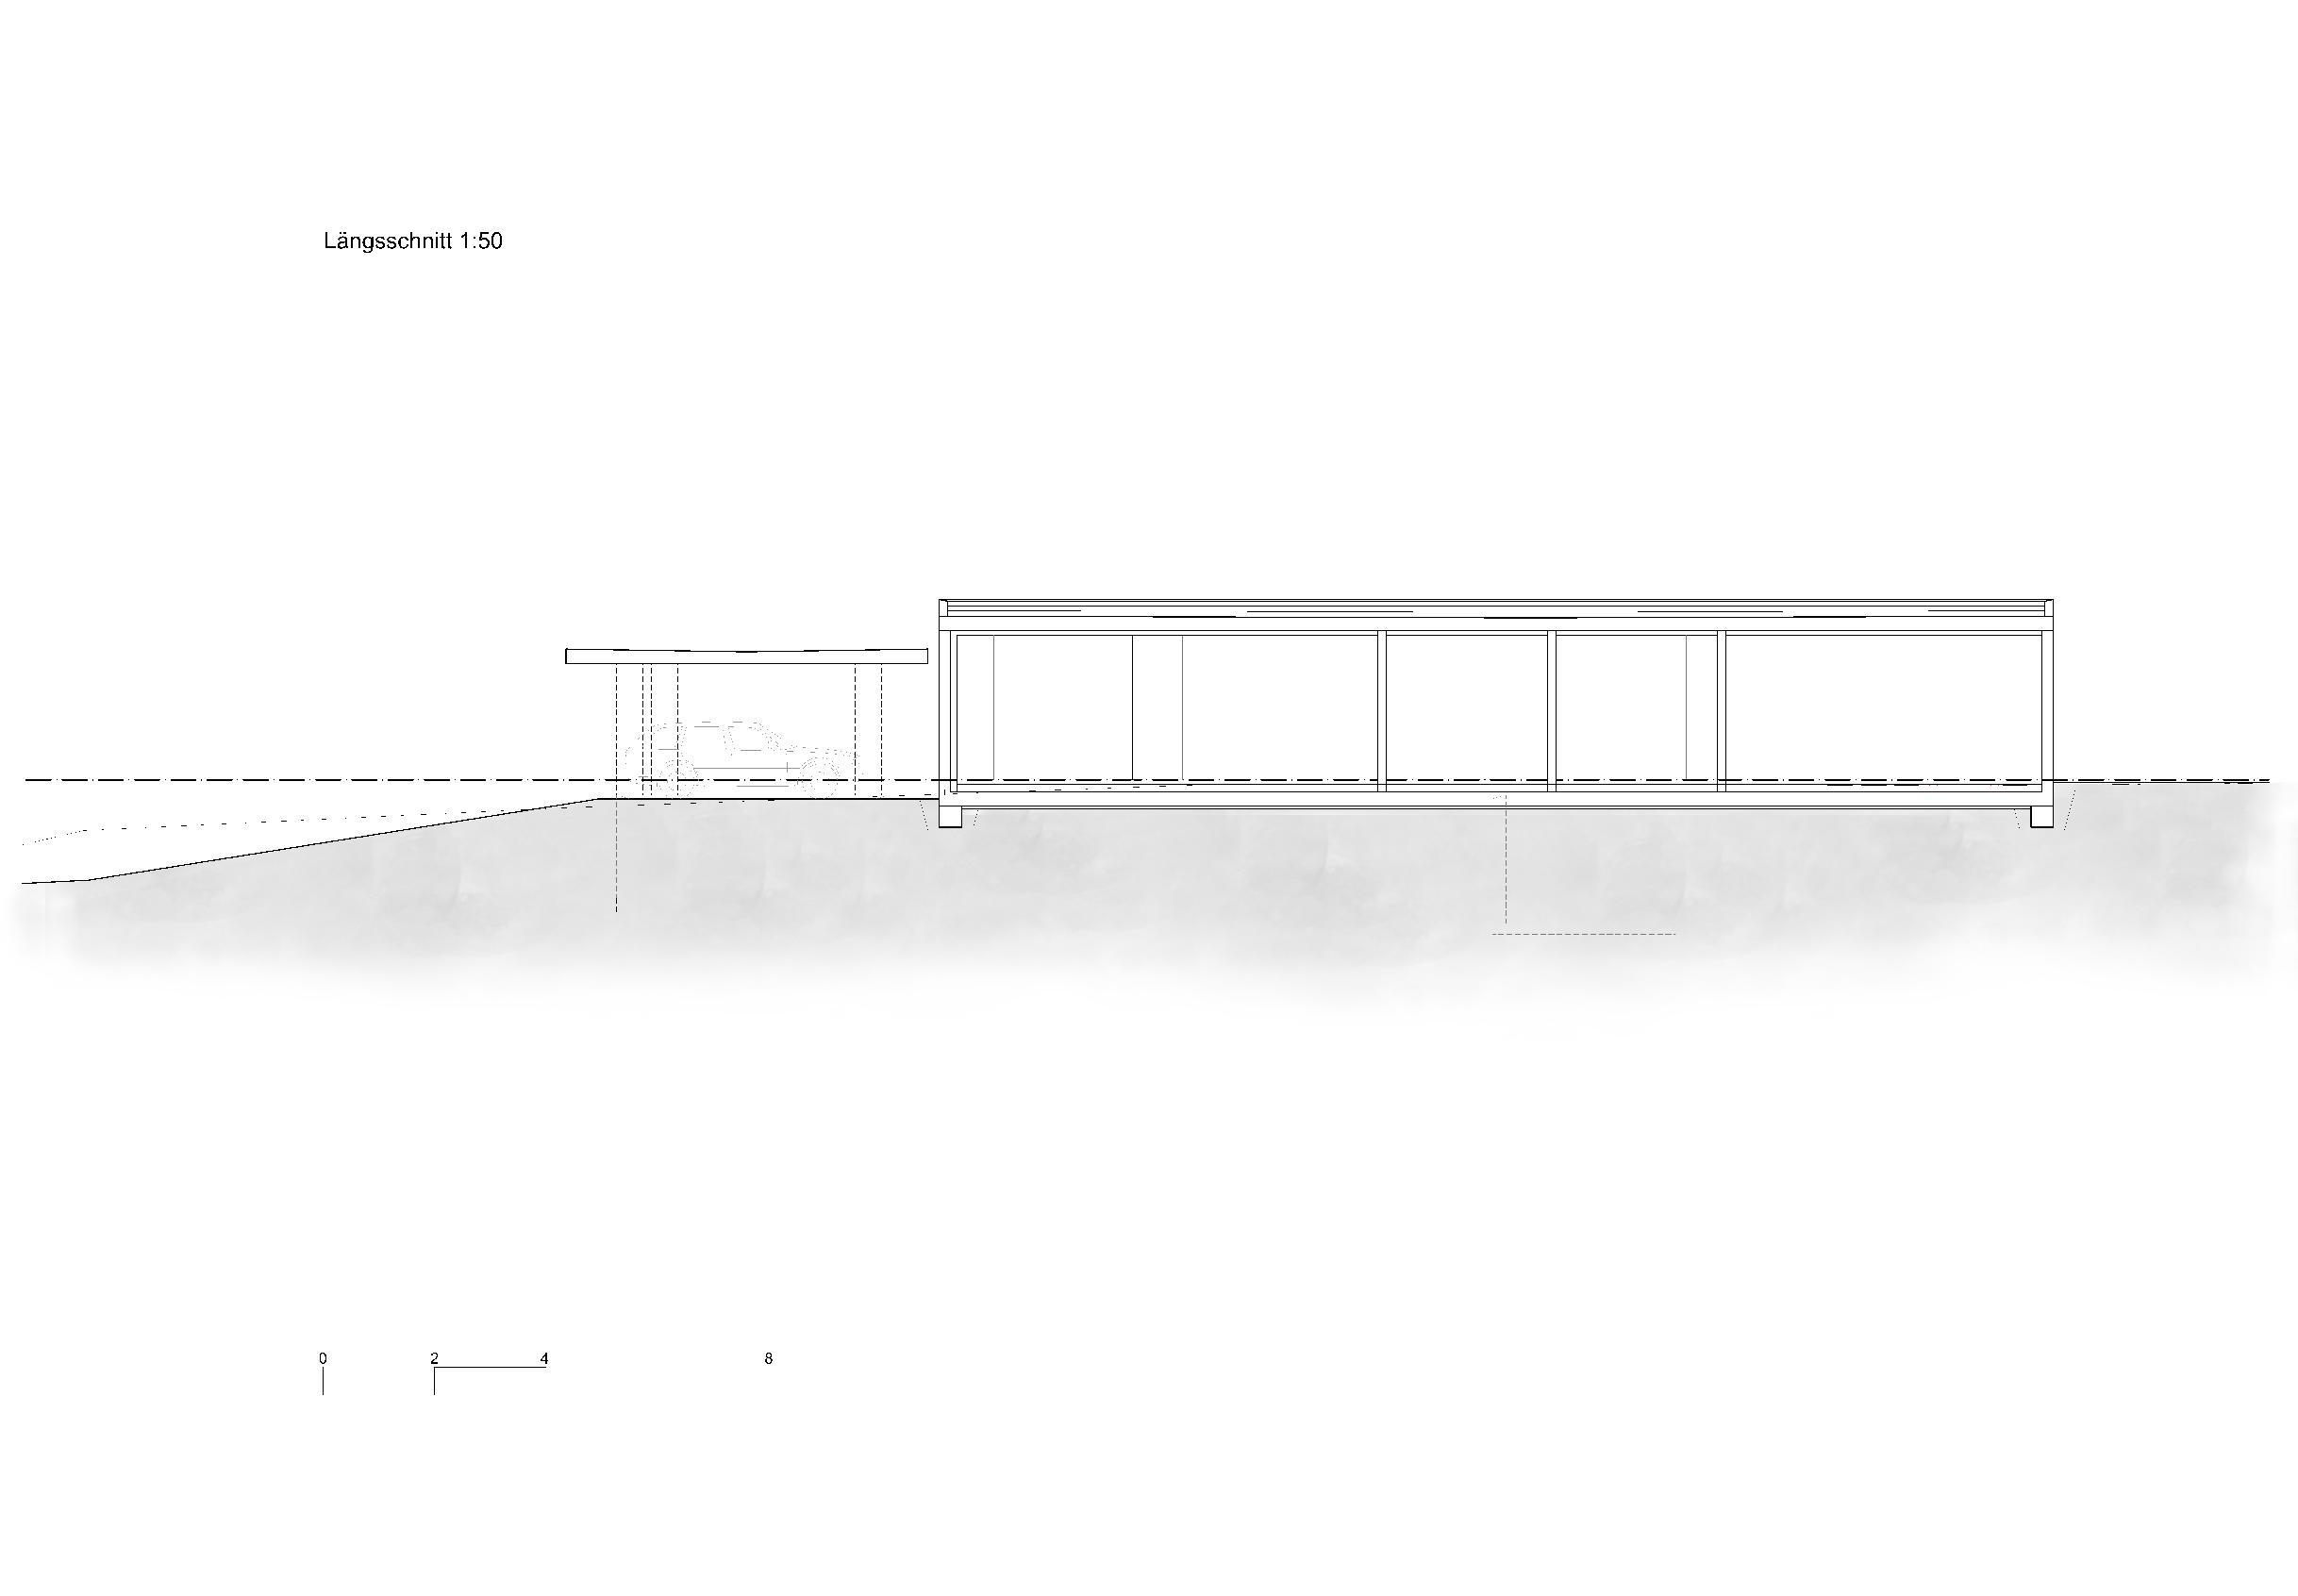 Längsschnitt 1:50 Ersatzneubau - Bungalow Mediterrano von Studio Baumann